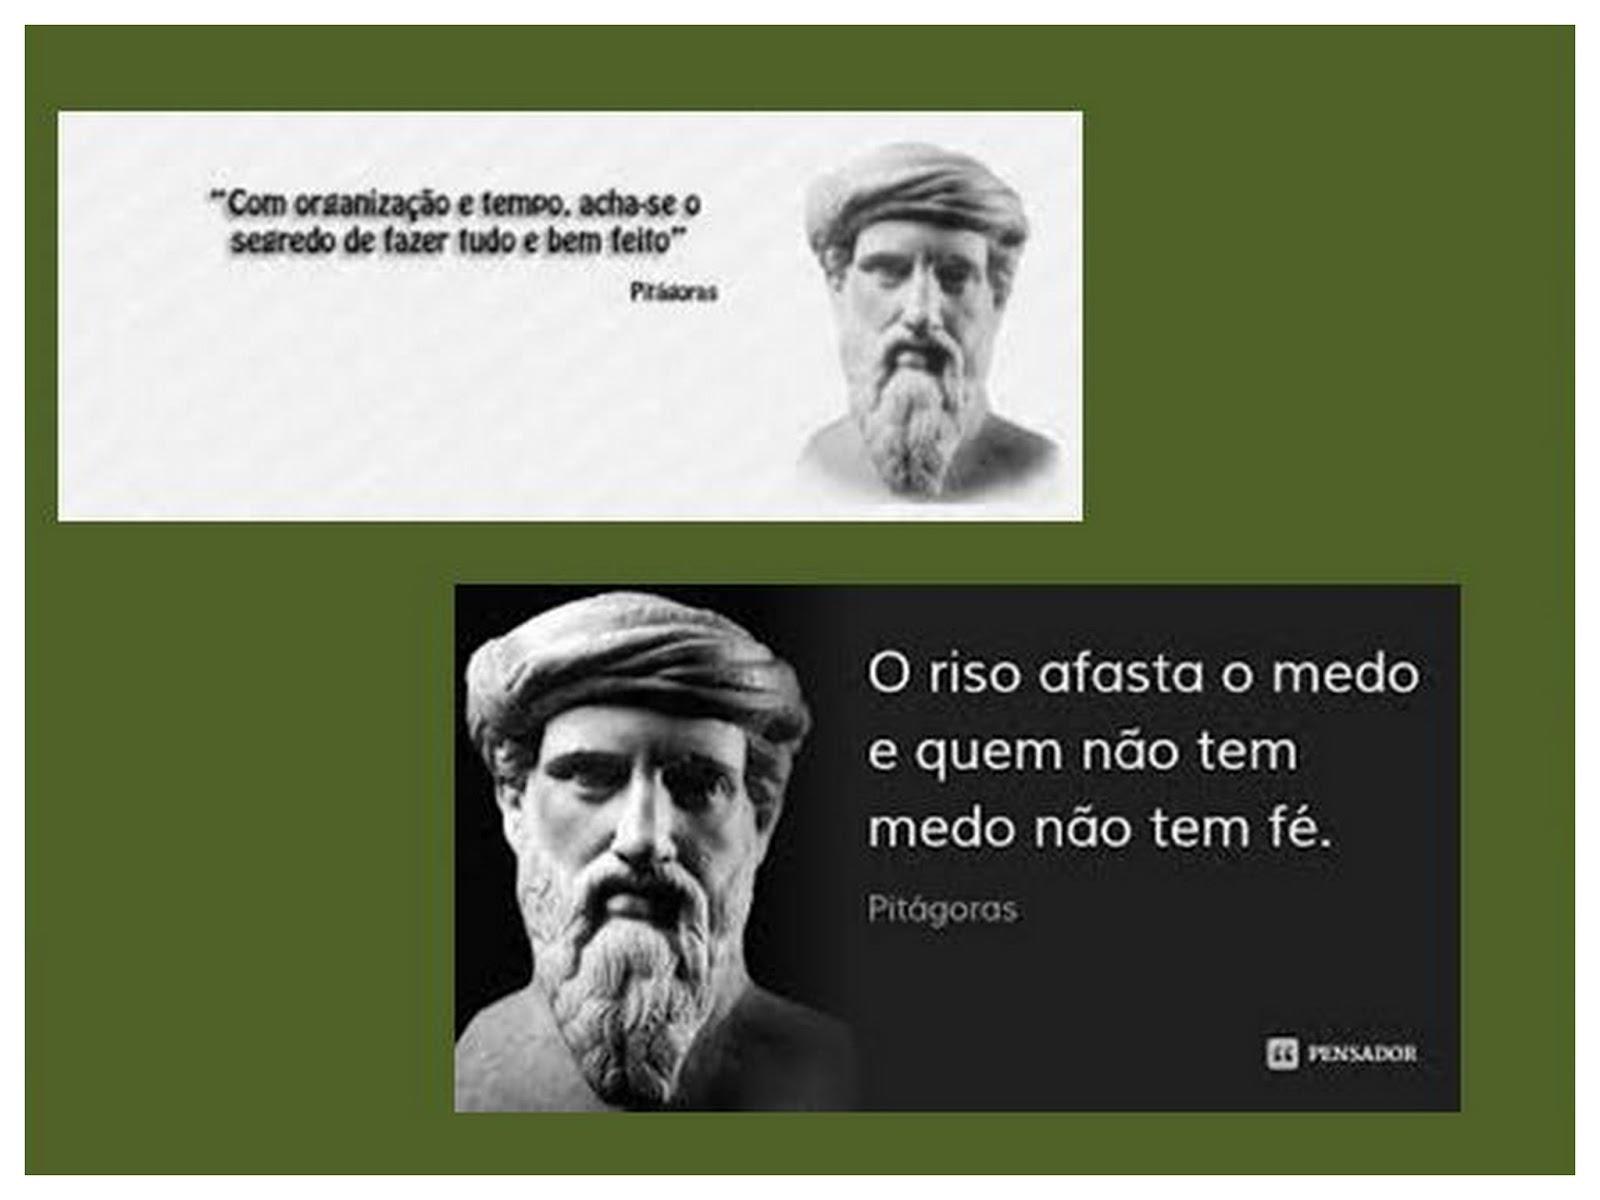 Suficiente TEOREMA DE PITÁGORAS MUSICALIZADO | E.E.SÃO GABRIEL RO24